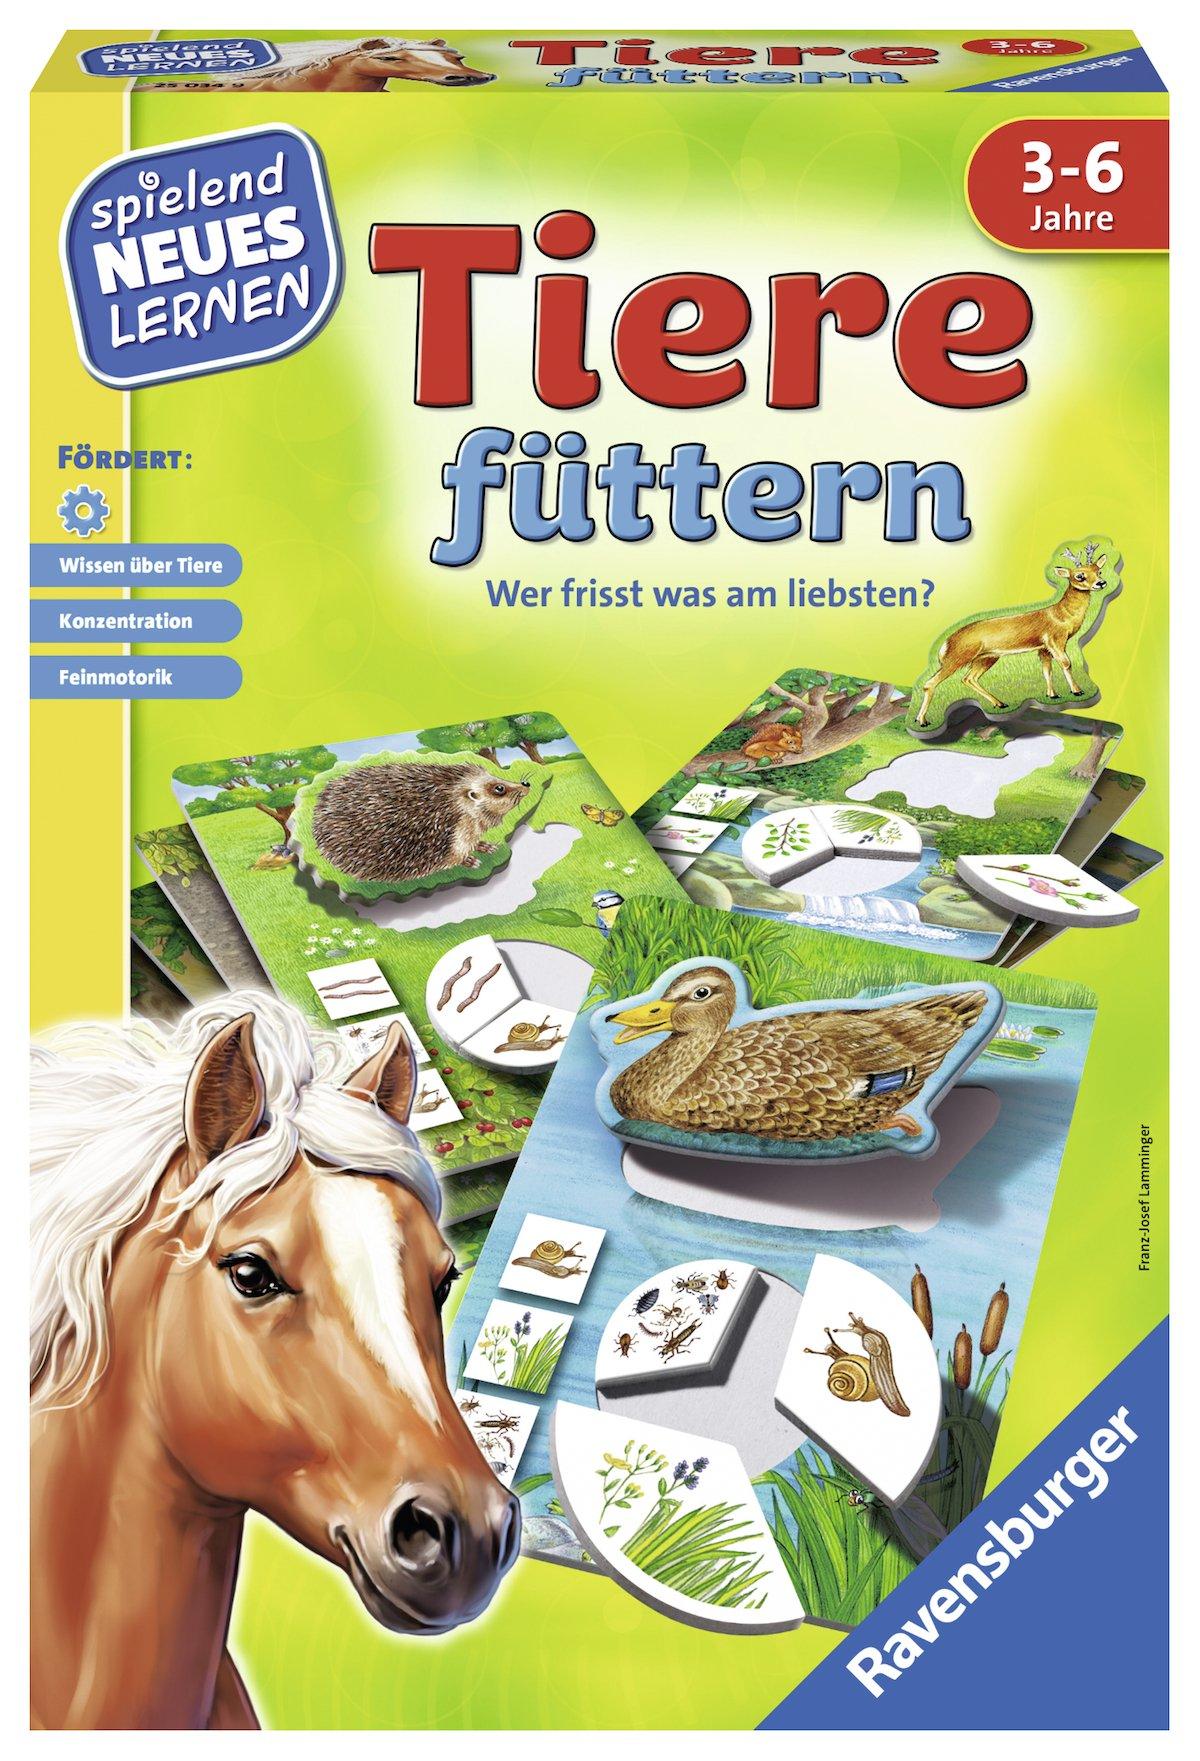 Ravensburger 25034 Juego y aprendizaje Animales alimentar Juego de mesa de aprendizaje , color/modelo surtido: Lamminger, Franz-Josef: Amazon.es: Juguetes y juegos